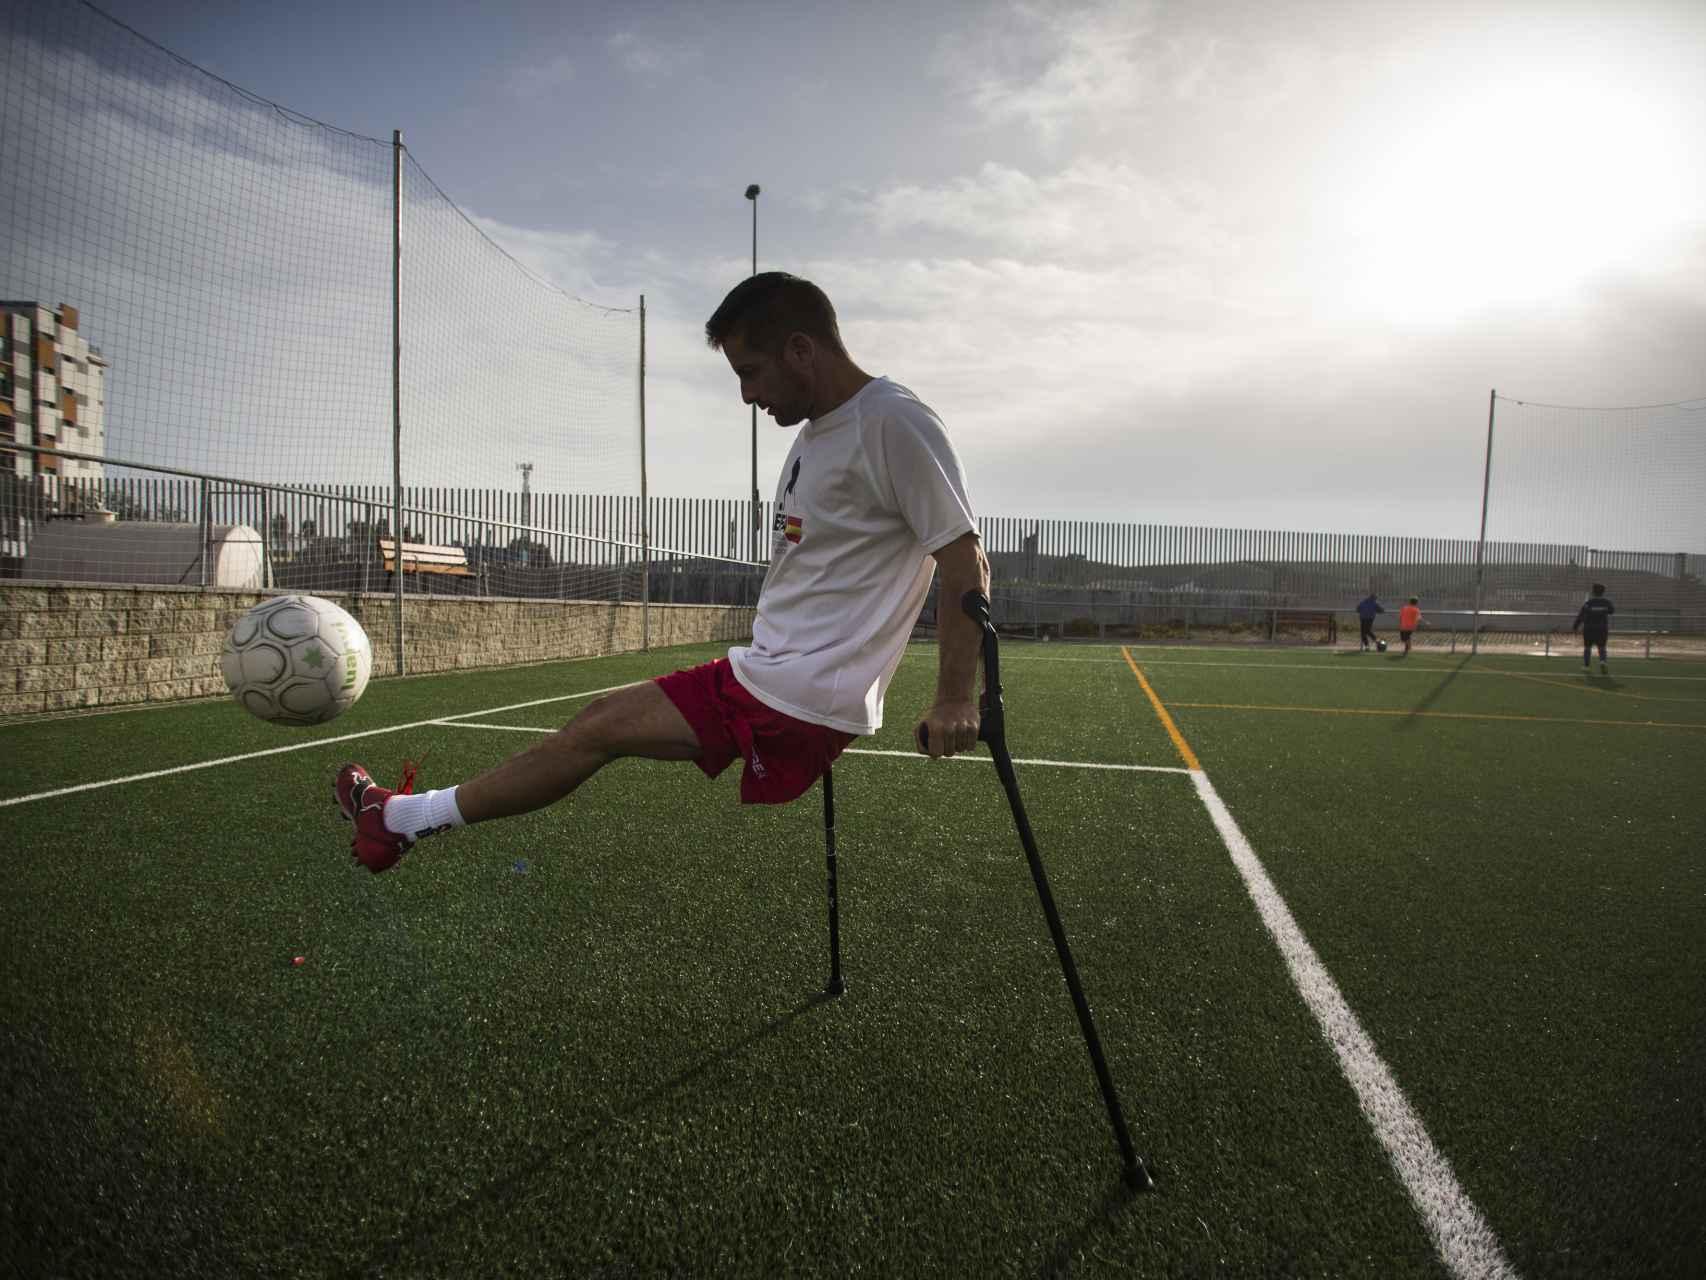 El jugador sevillano Francisco Vaquero, que perdió su pierna por un accidente laboral en el Puerto de Algeciras.